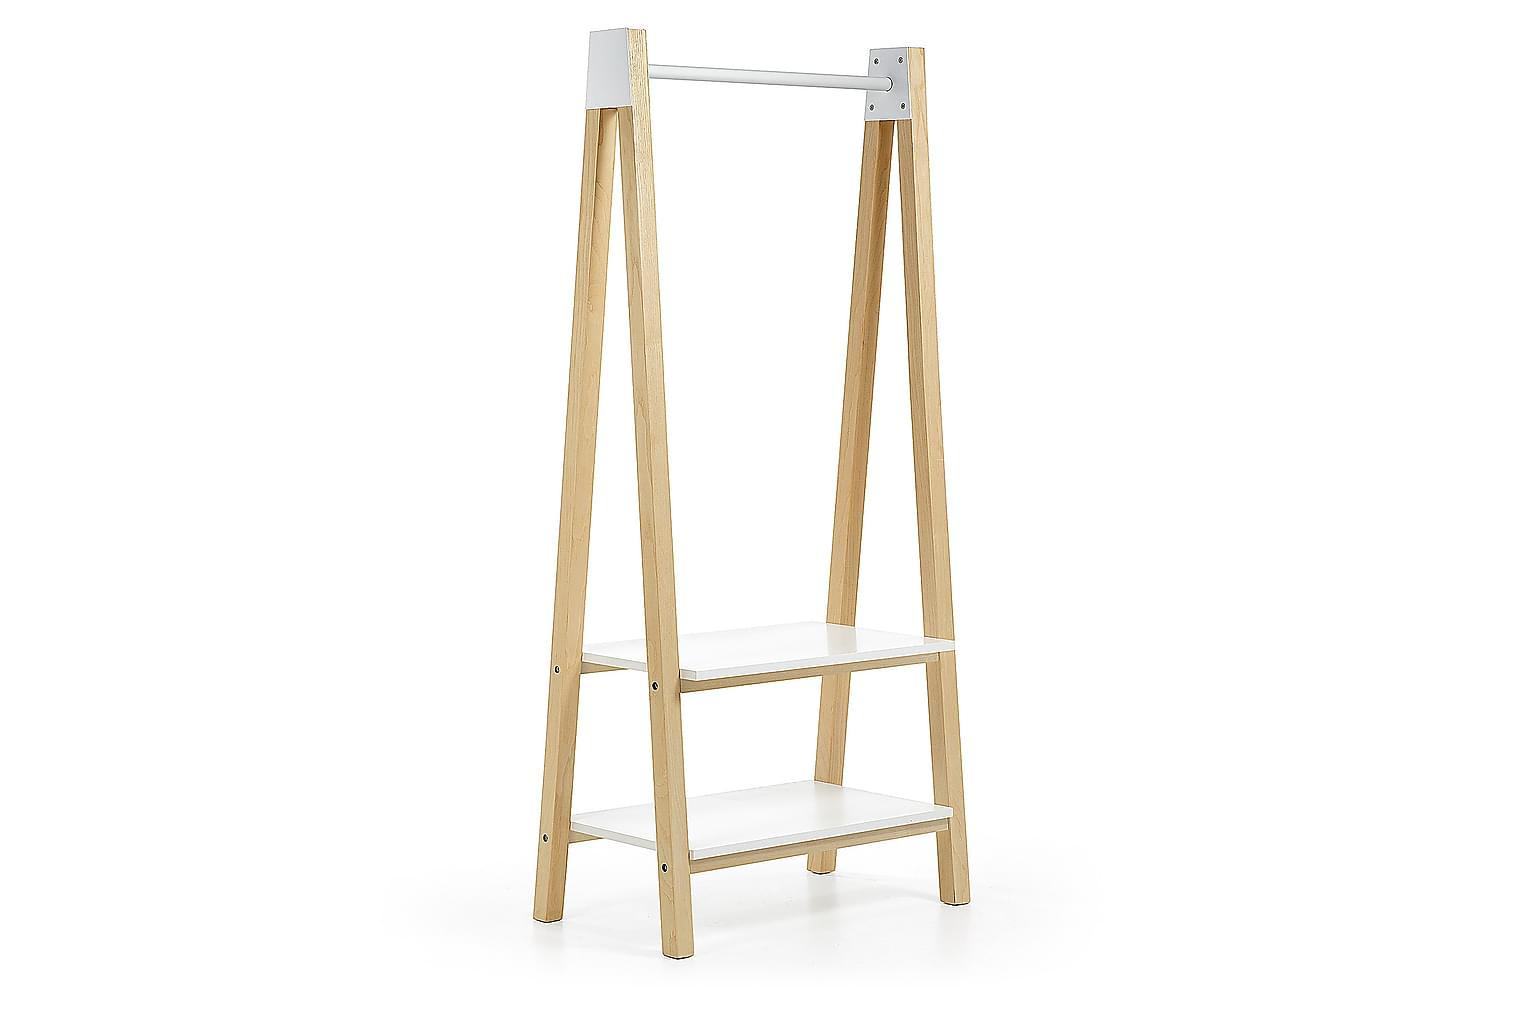 NANTO Hylly Valkoinen 89/46,5cm